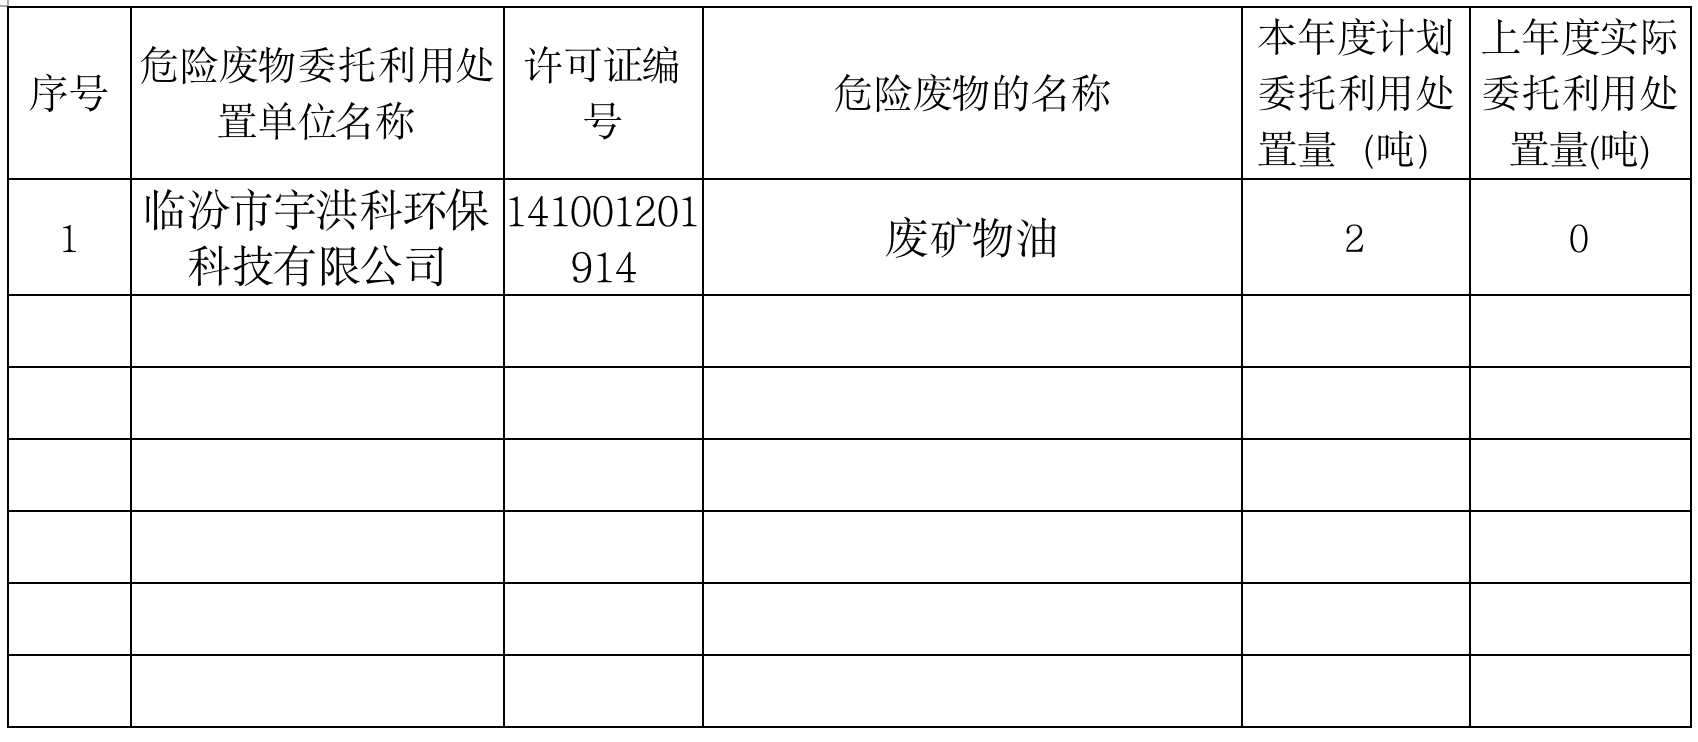 臨汾富達新型材料有公司危廢/固廢產生單位信息公開(2021年度)